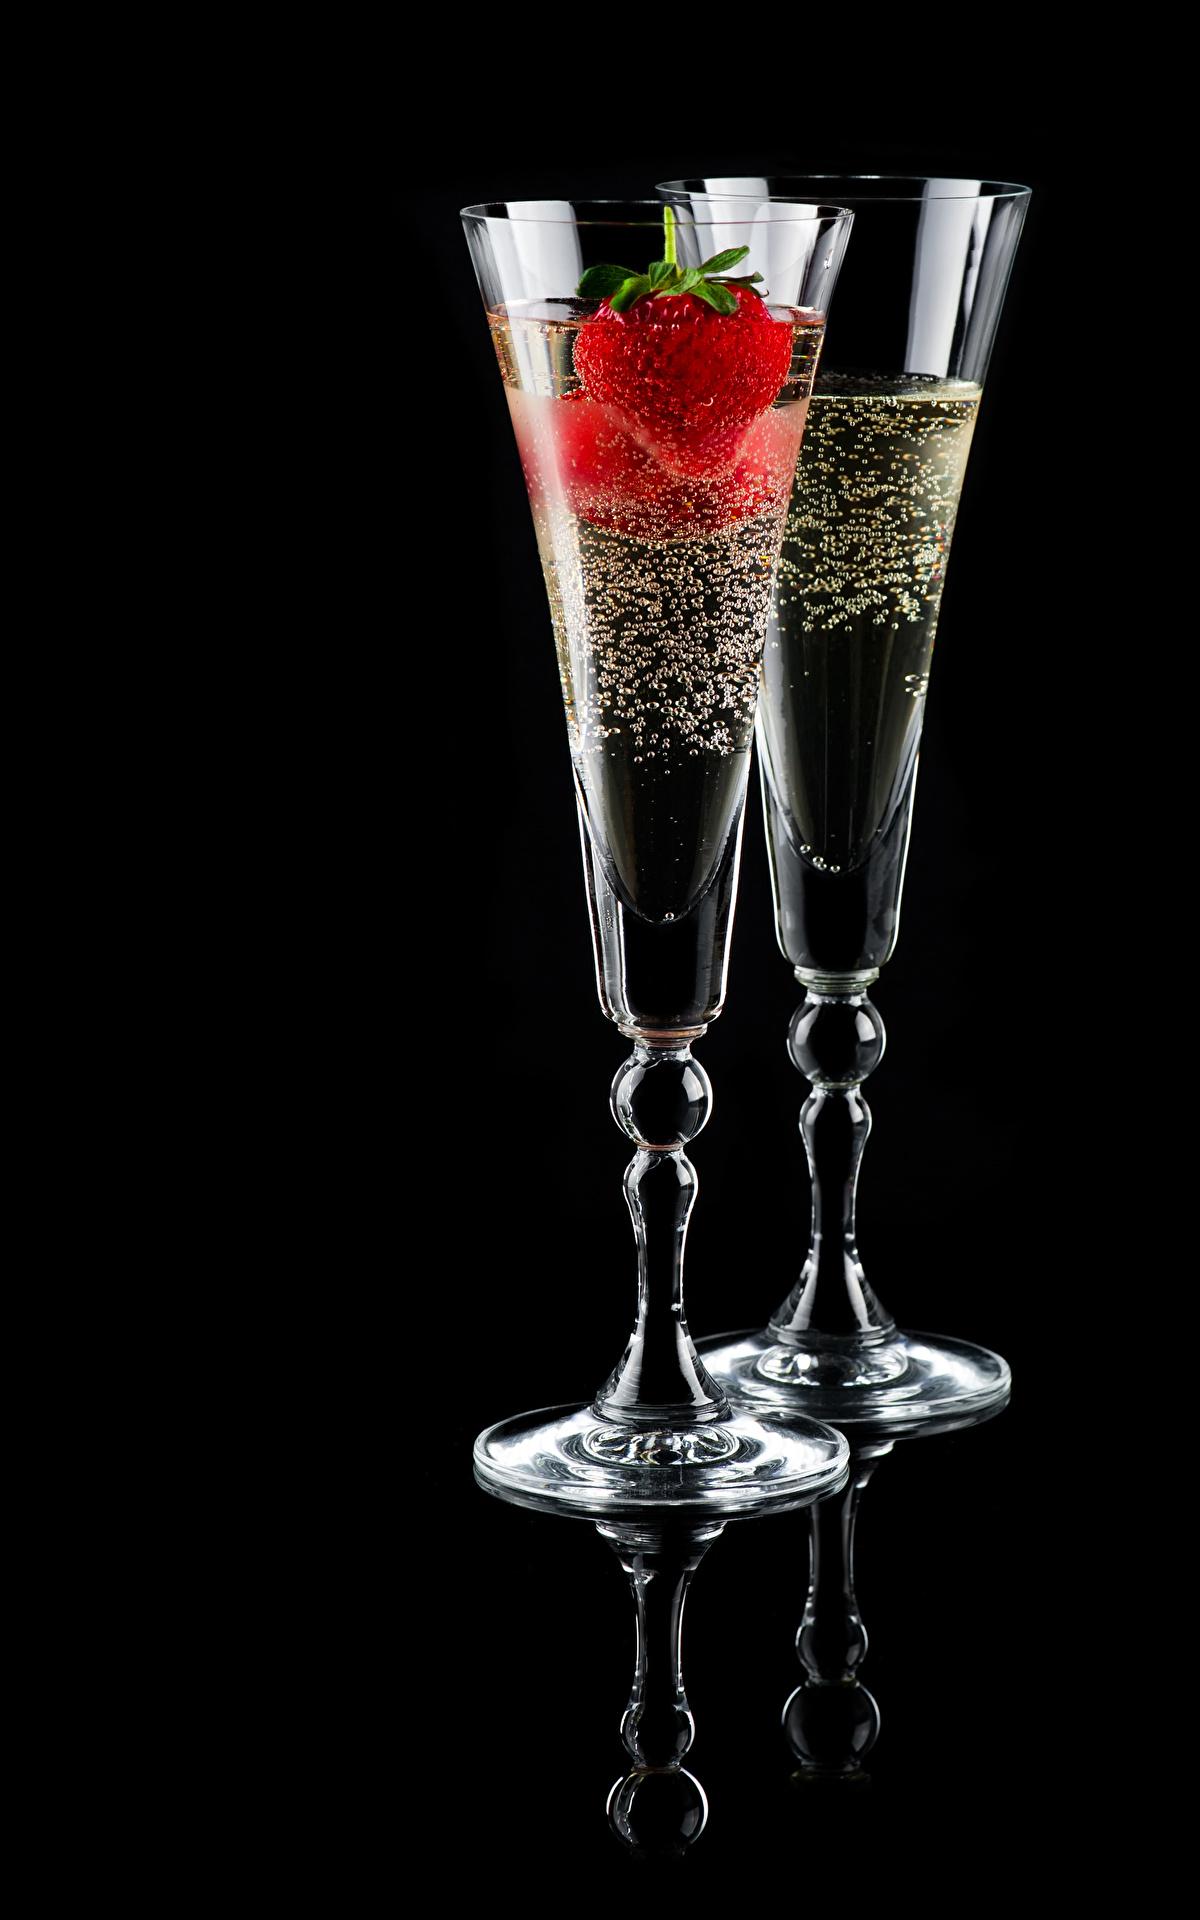 Фотография Двое Шампанское Клубника Бокалы Продукты питания Черный фон 1200x1920 2 вдвоем Игристое вино Еда Пища